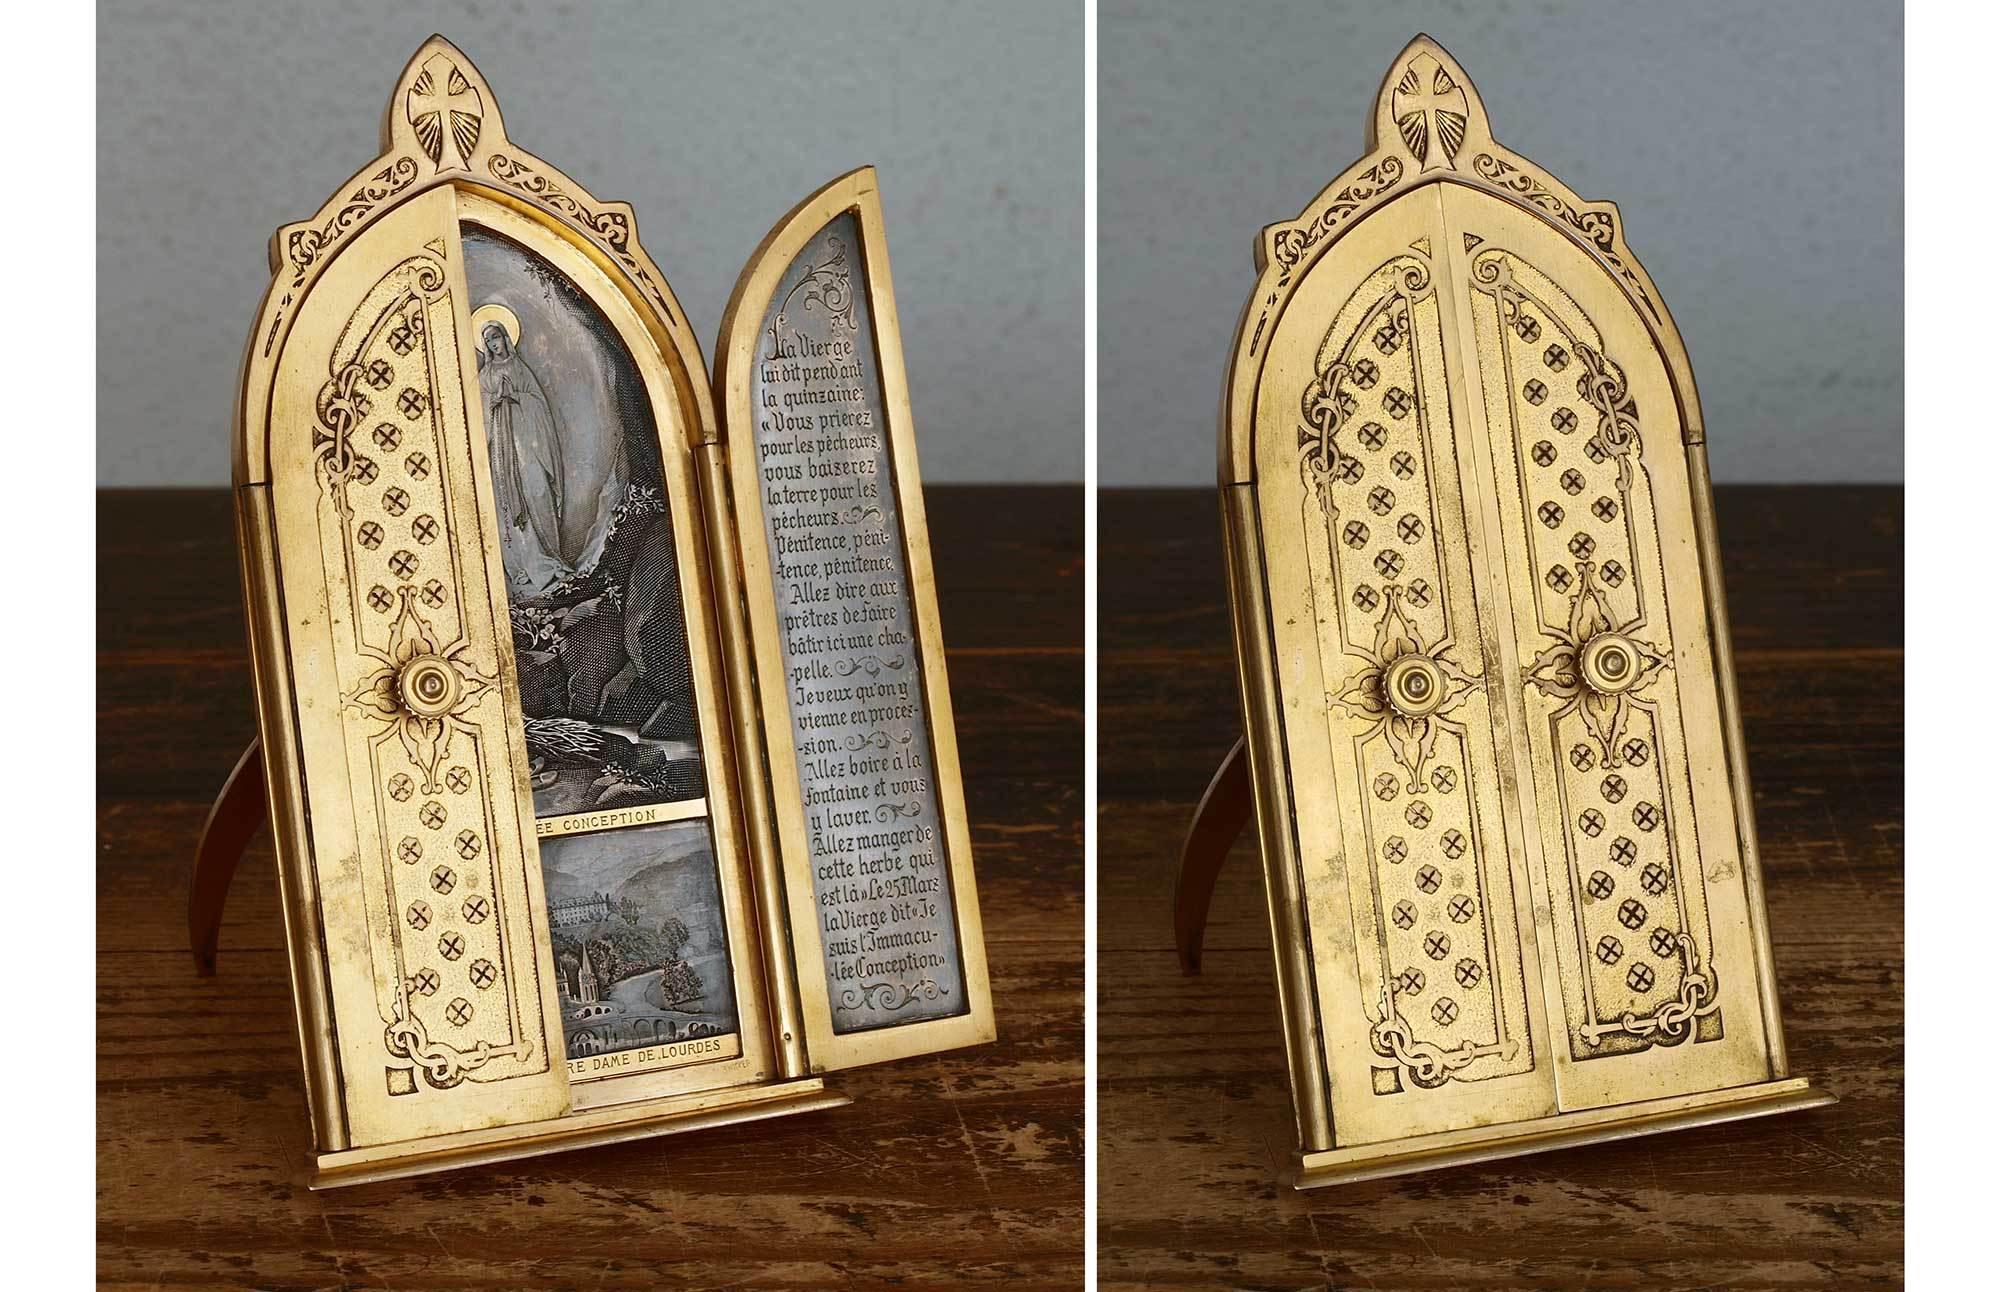 聖母マリア 三連祭壇画 イコン フランス ルルド  / G651_e0324838_00171981.jpg